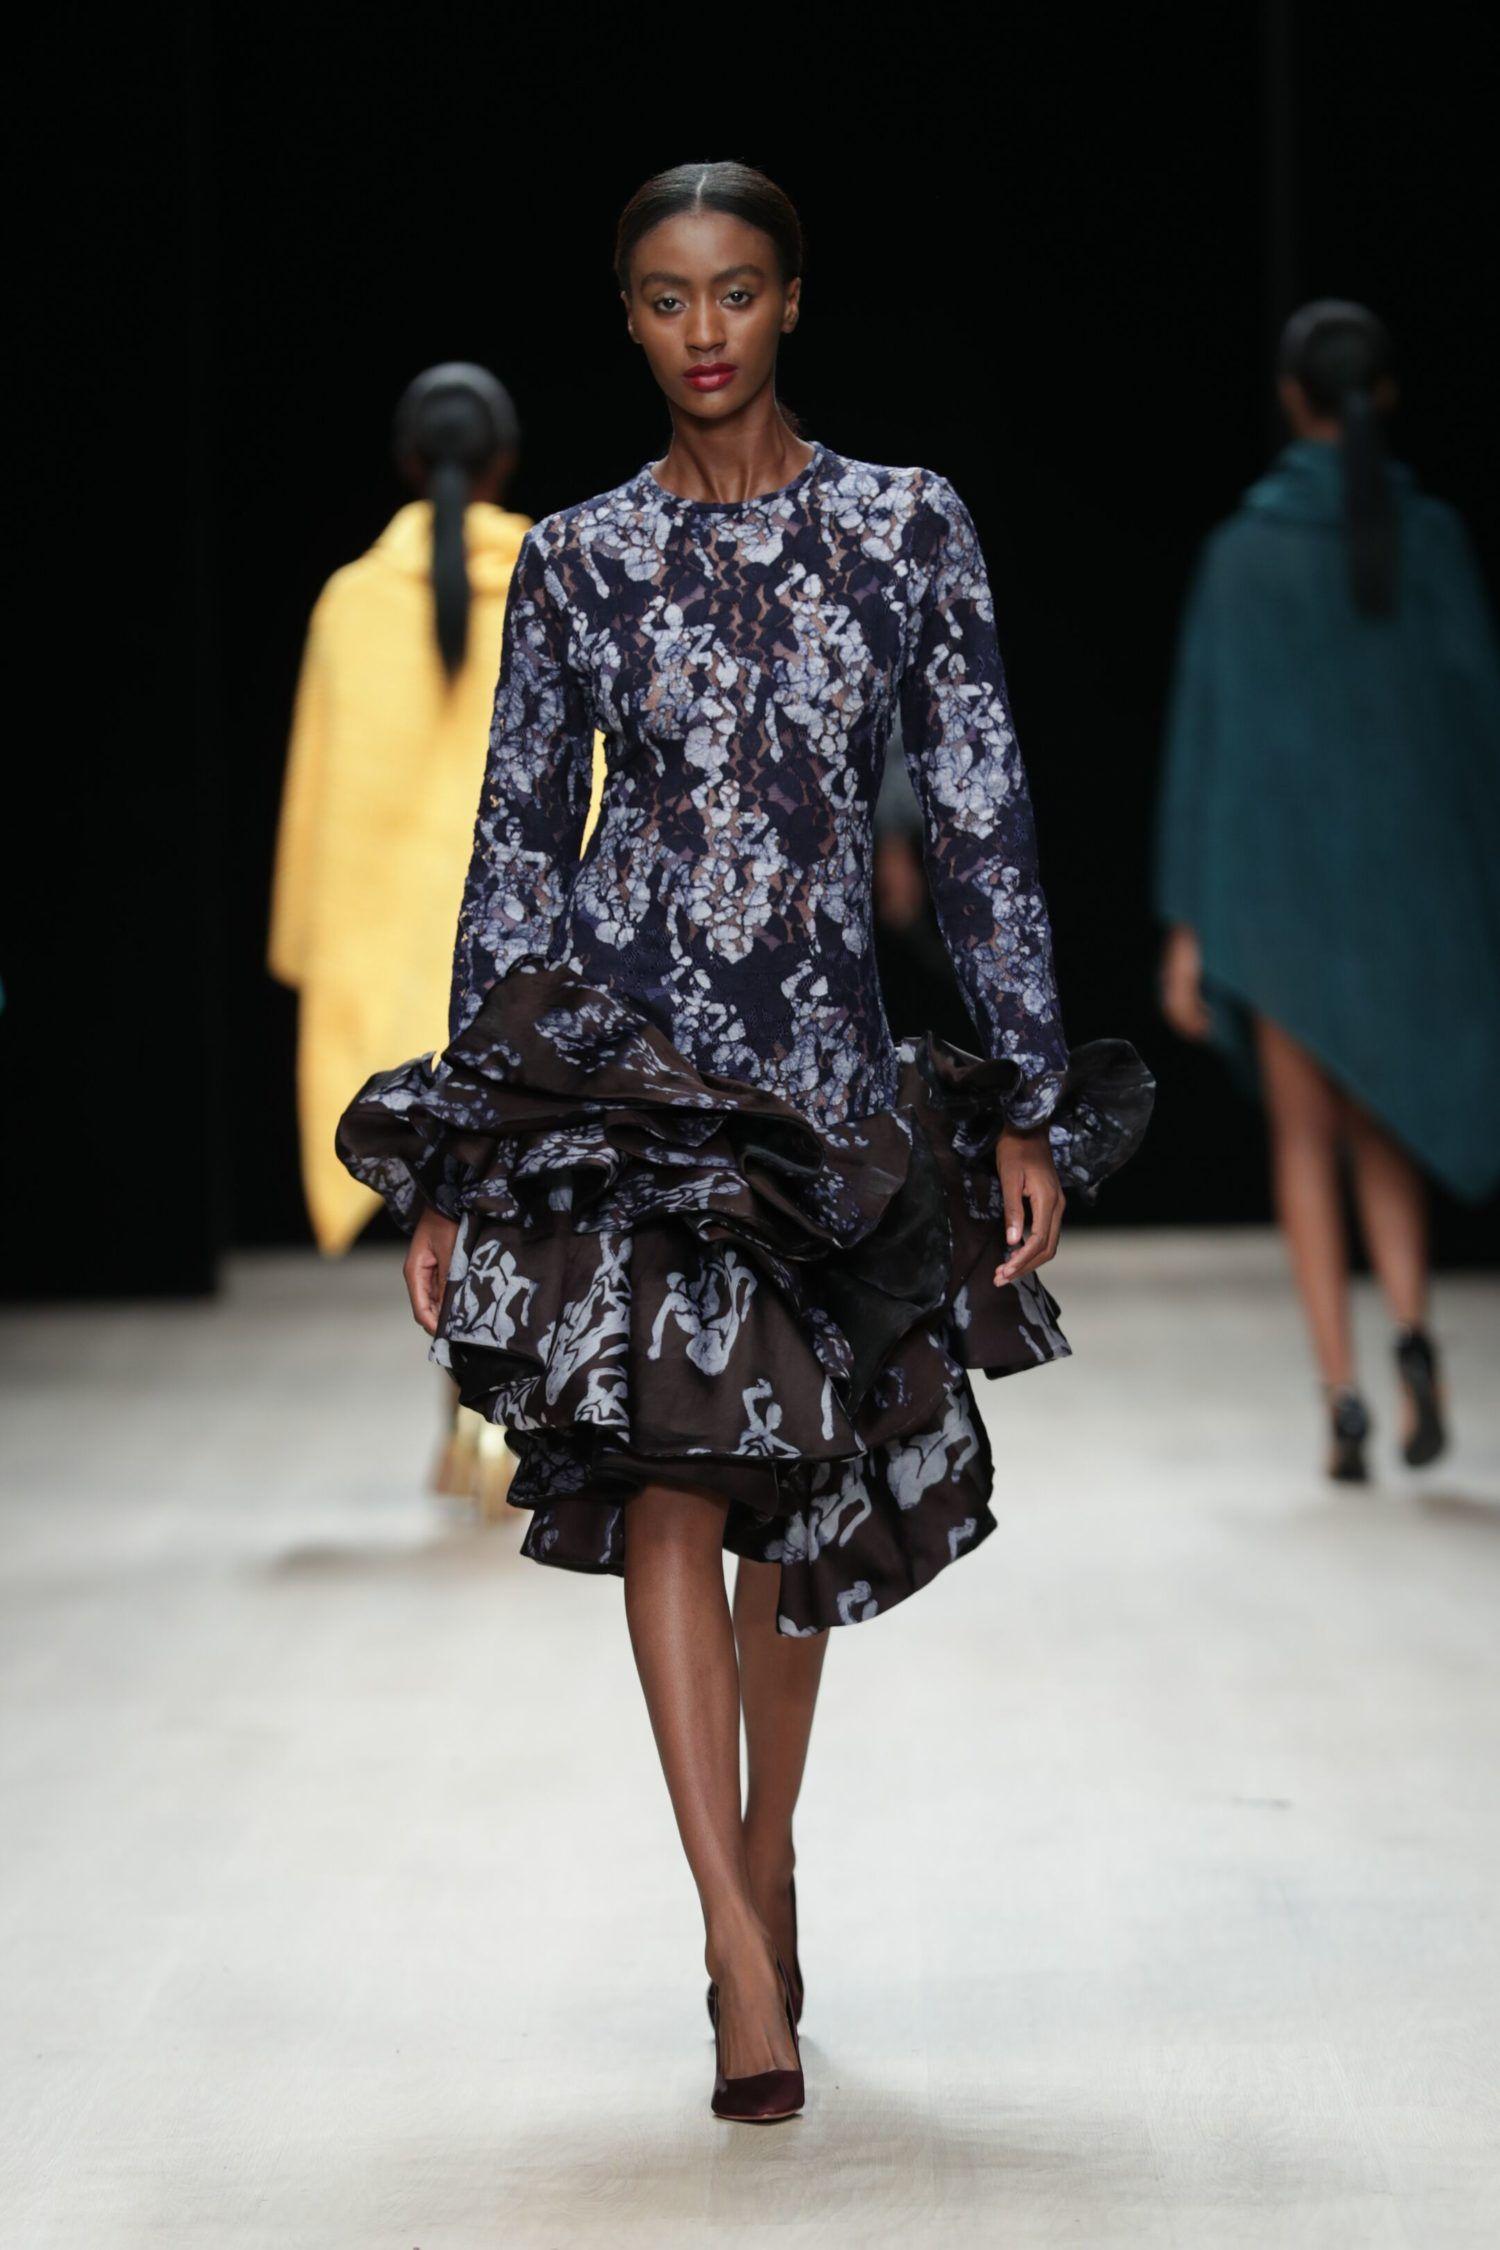 Arise Fashion Week 2019 Tiffany Amber Bn Style Fashion Nigerian Fashion Designers Fashion Week